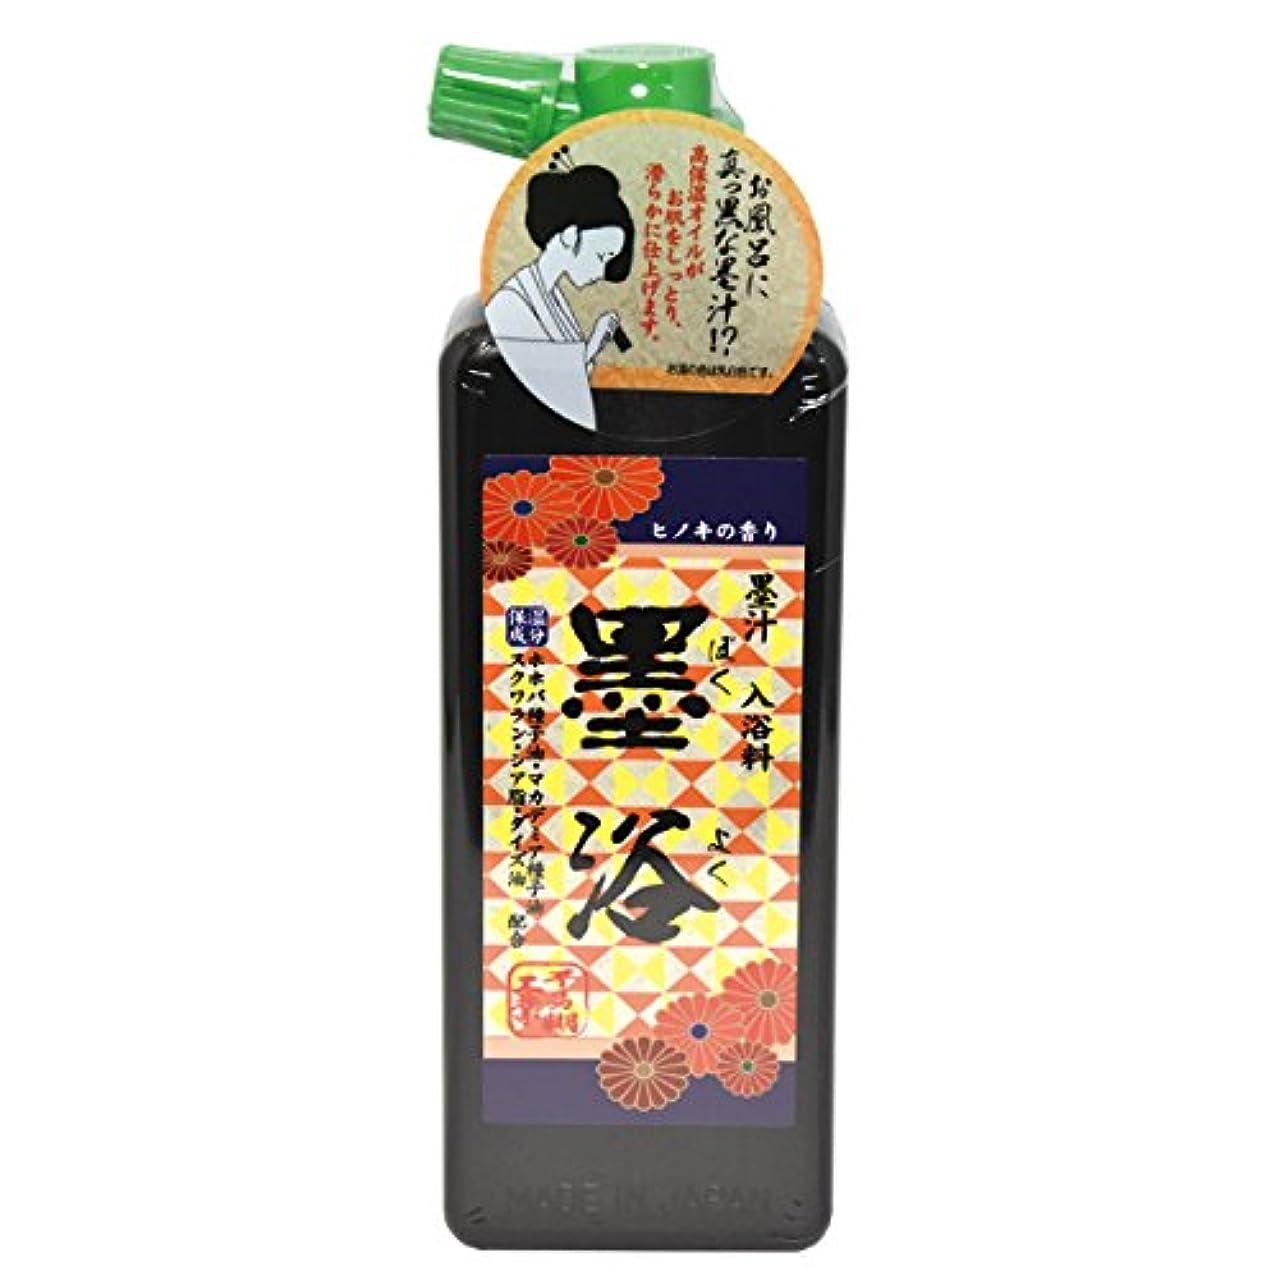 静かにリンク指定する墨浴 ぼくよく 入浴料 ヒノキの香り 不易糊工業 BY20